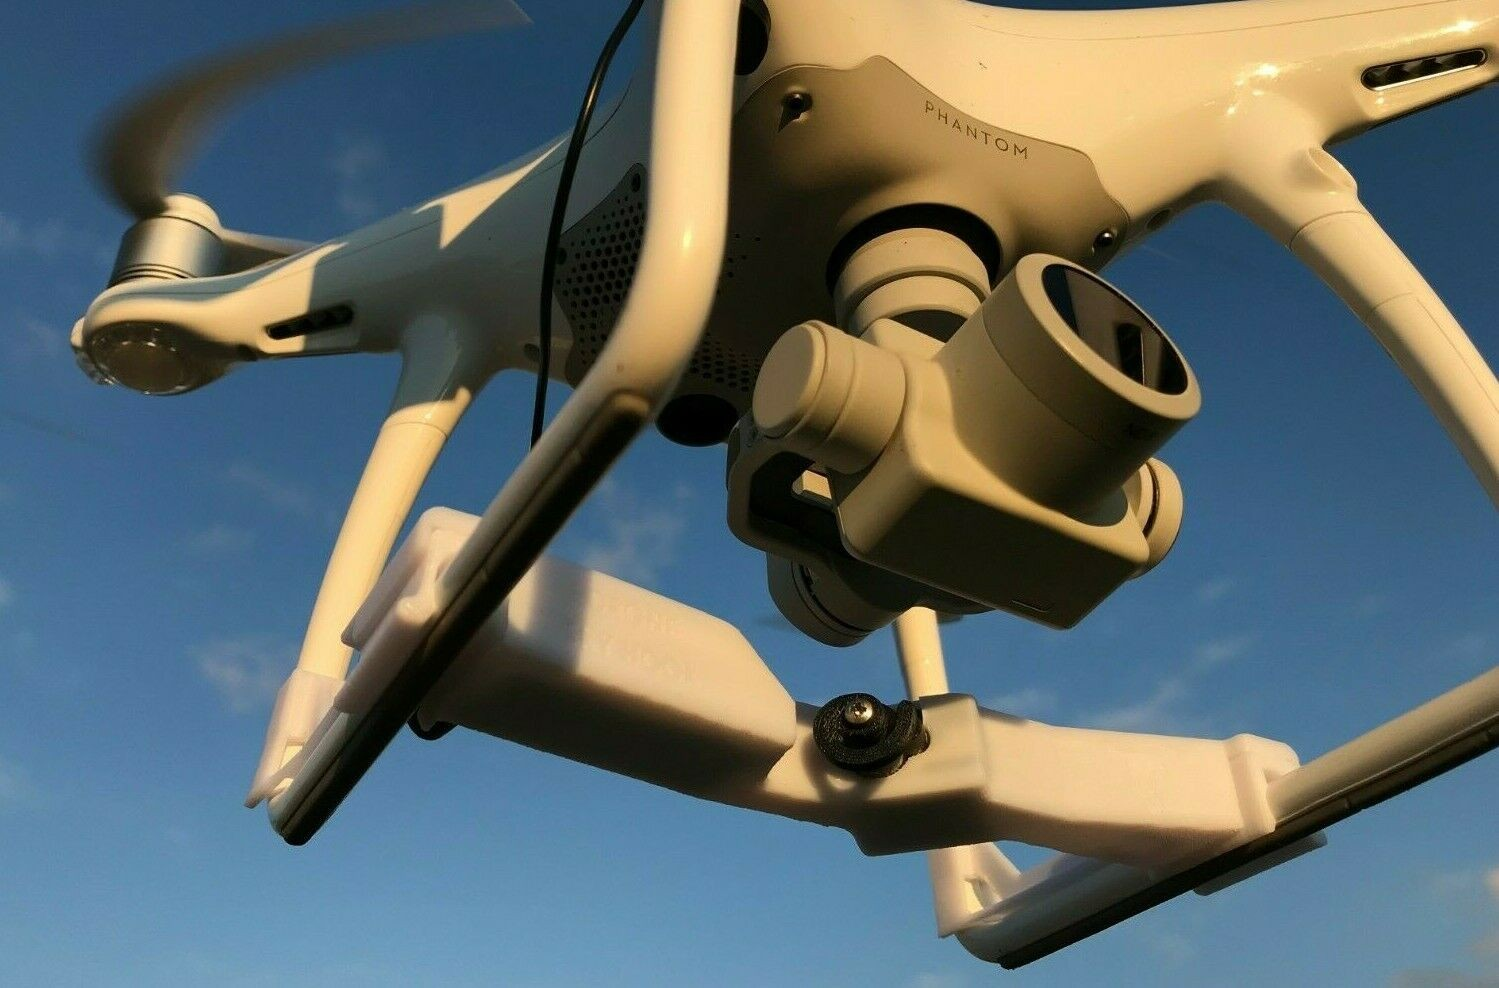 Dispositivo de liberación PROFESIONAL, pesca con drones, entrega de carga útil para DJI Phantom 4